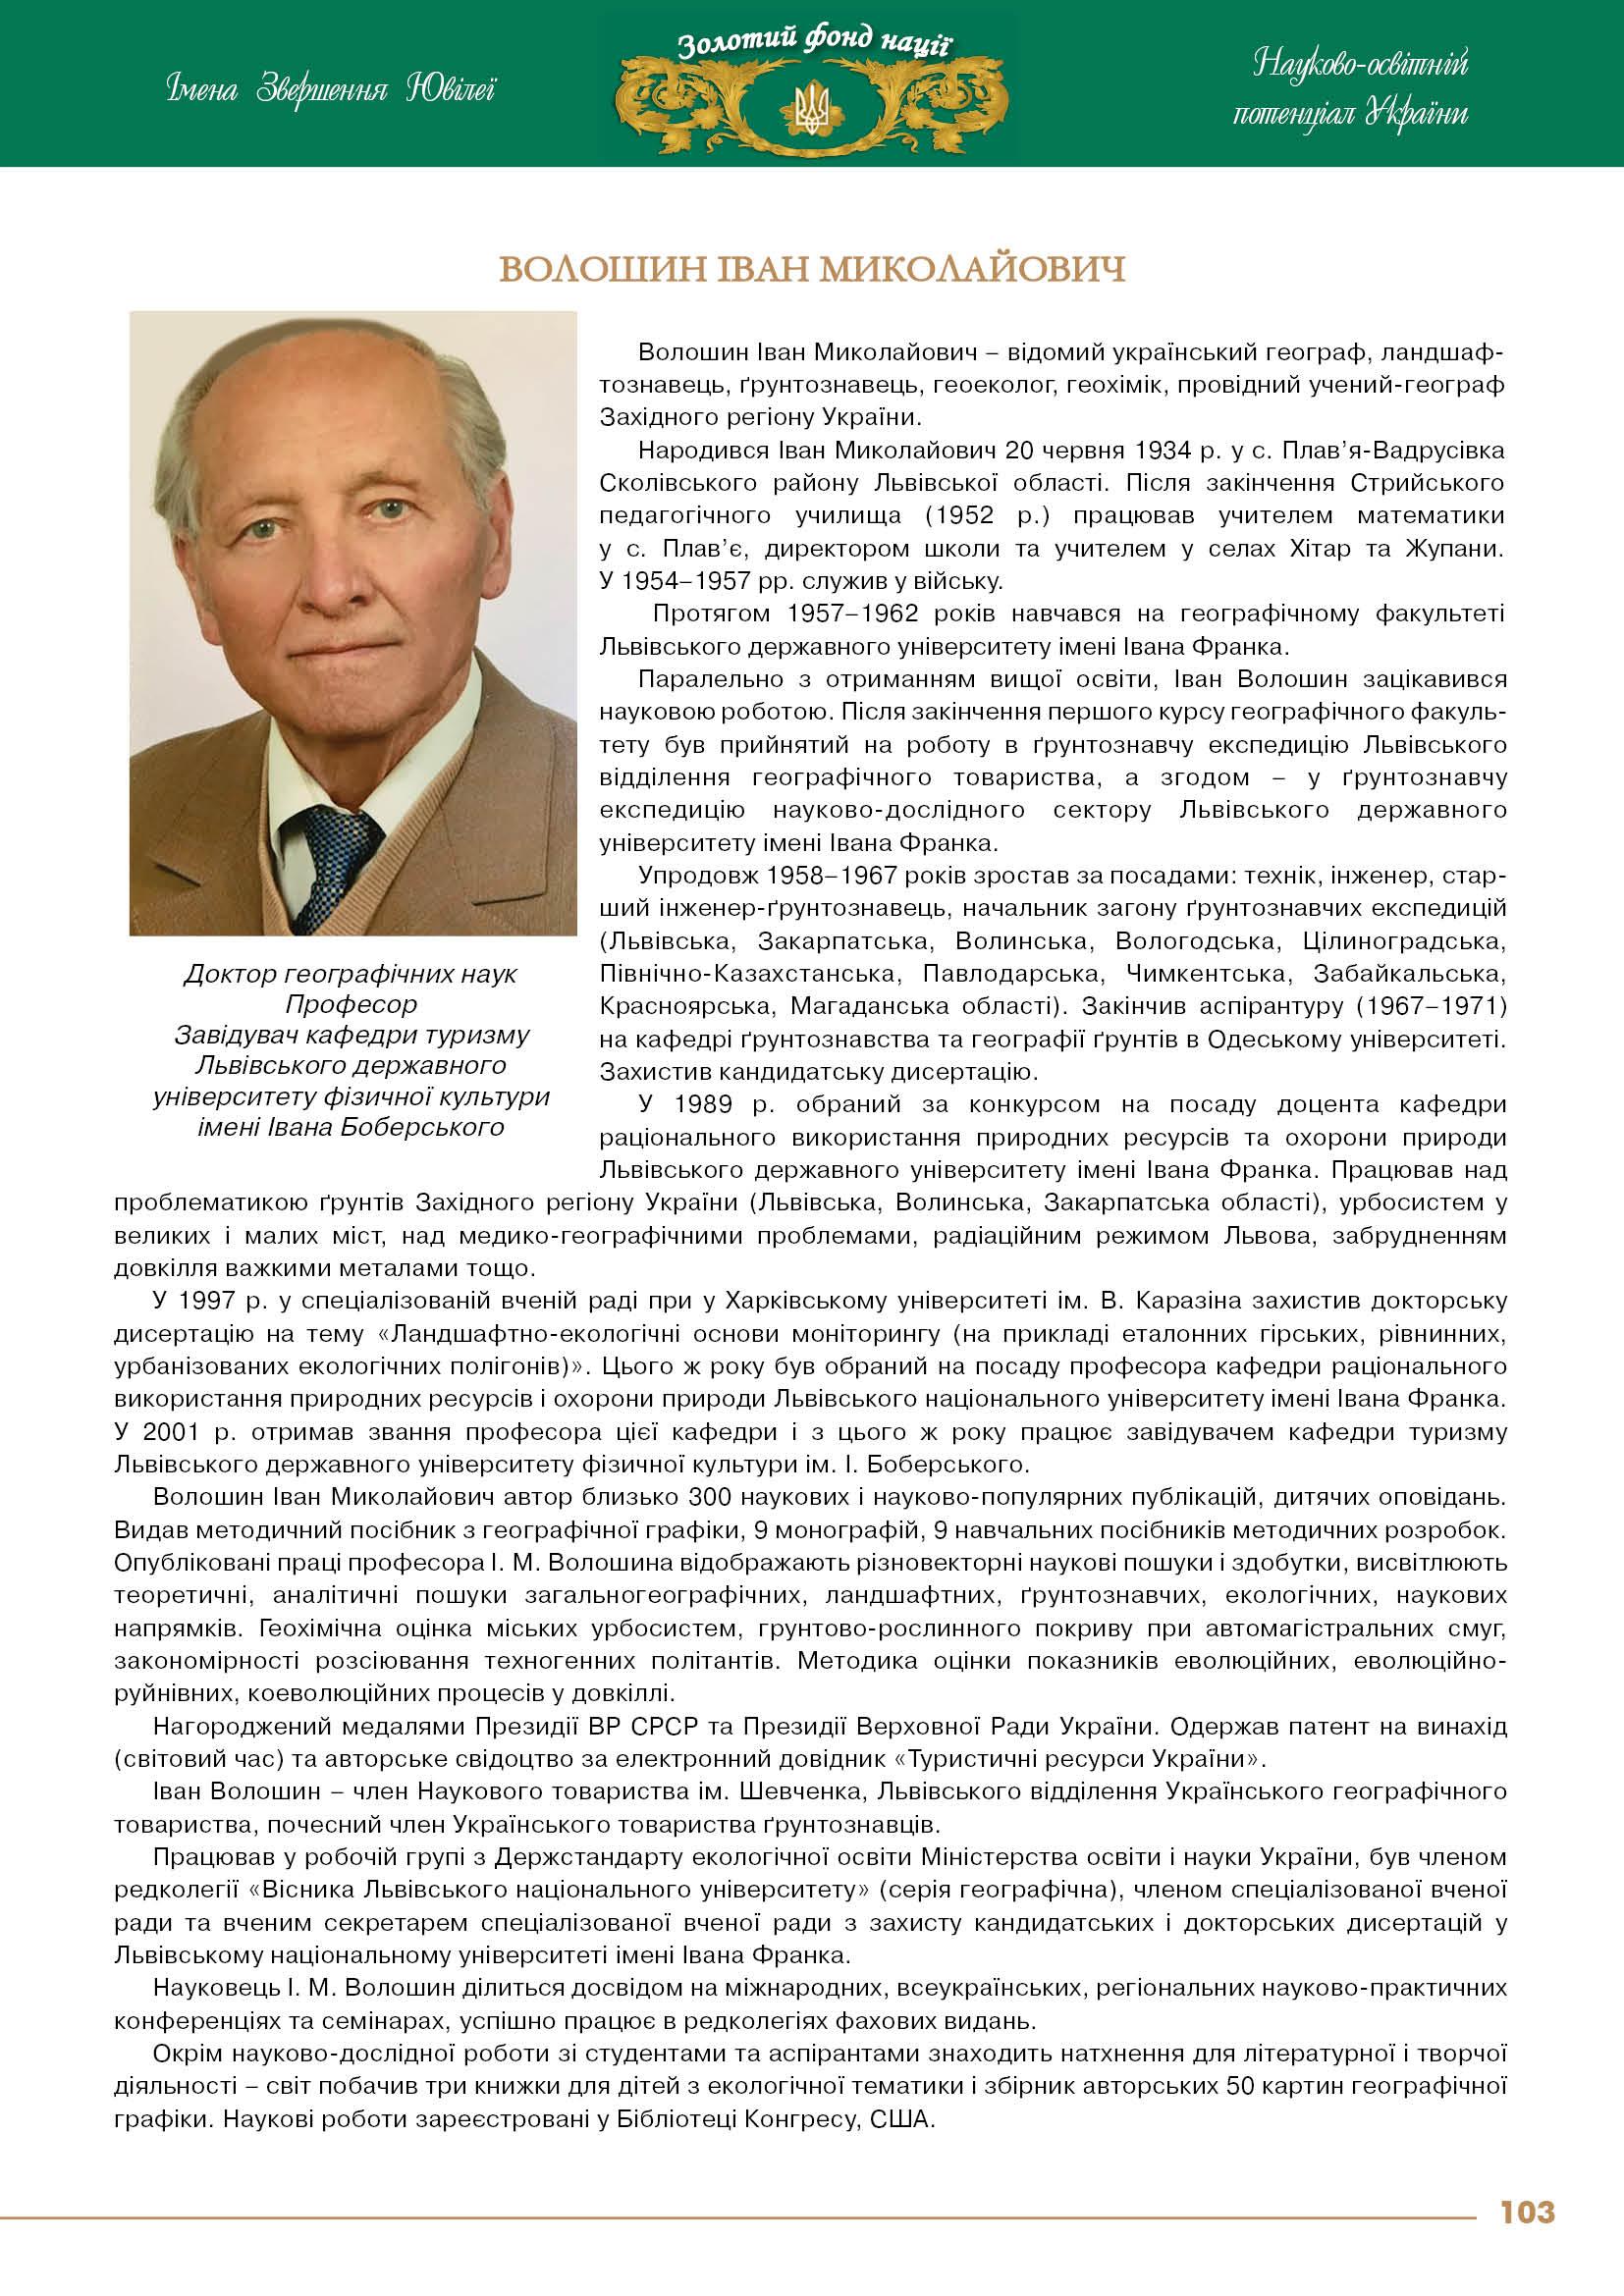 Волошин Іван Миколайович